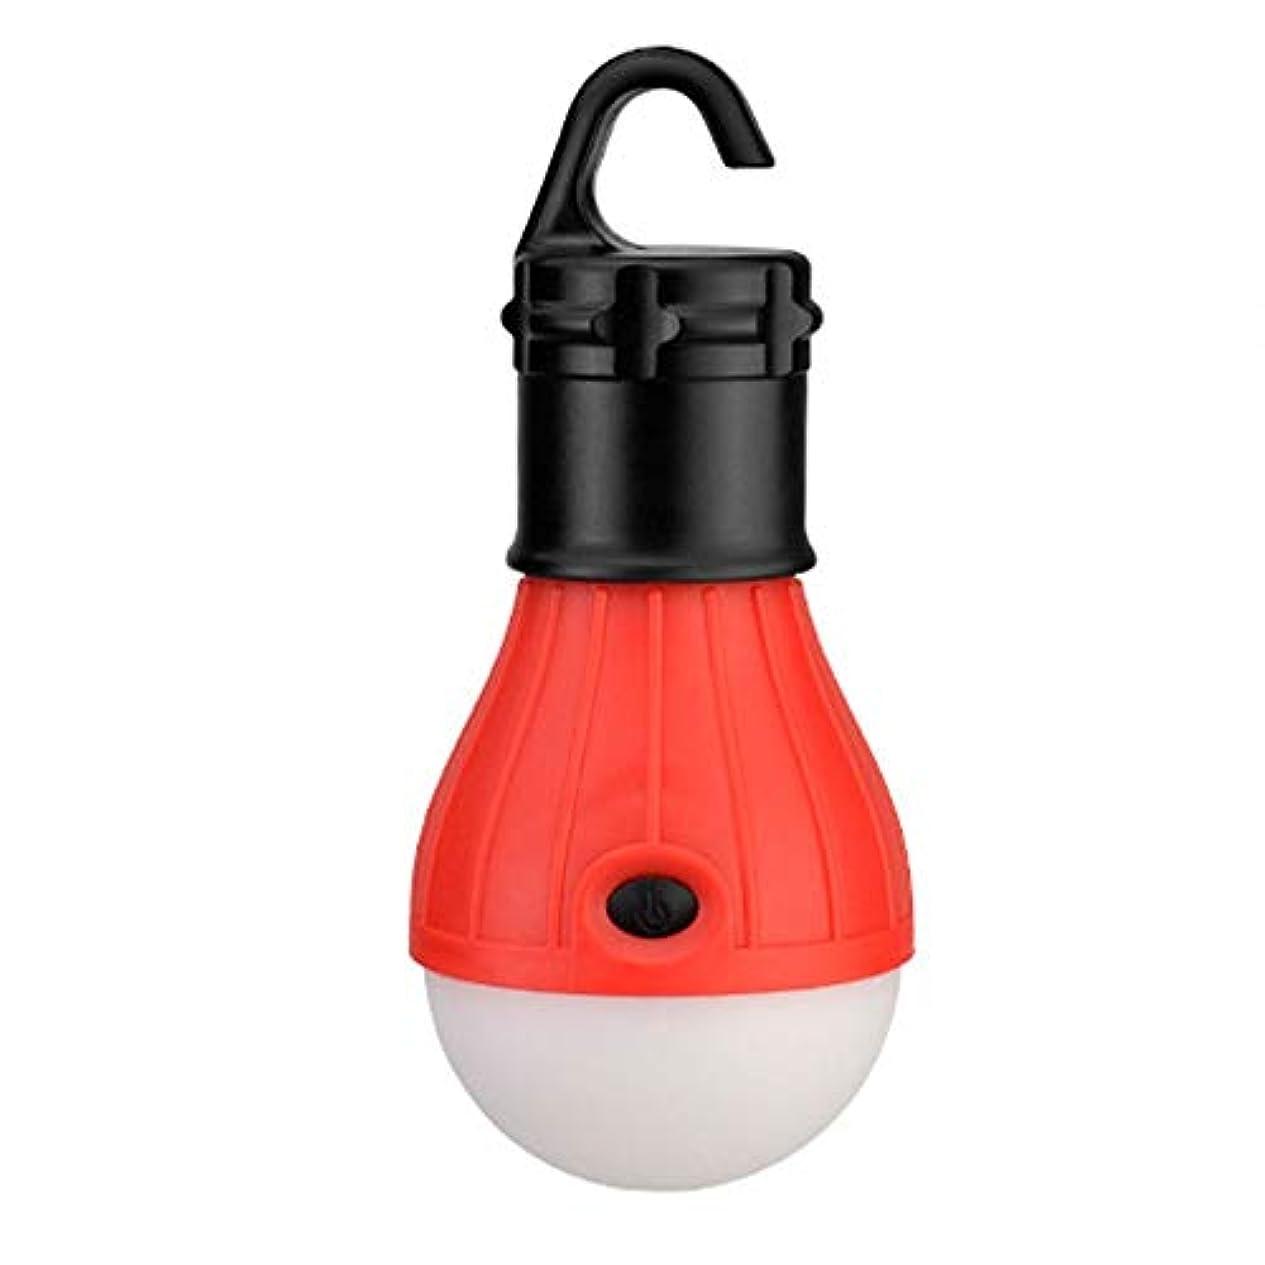 スローデータベース買い手ZR 多機能テントライト、ミニポータブルライトLED電球非常灯防水フック懐中電灯キャンプライト4色使用3スピードスイッチ (色 : 赤)